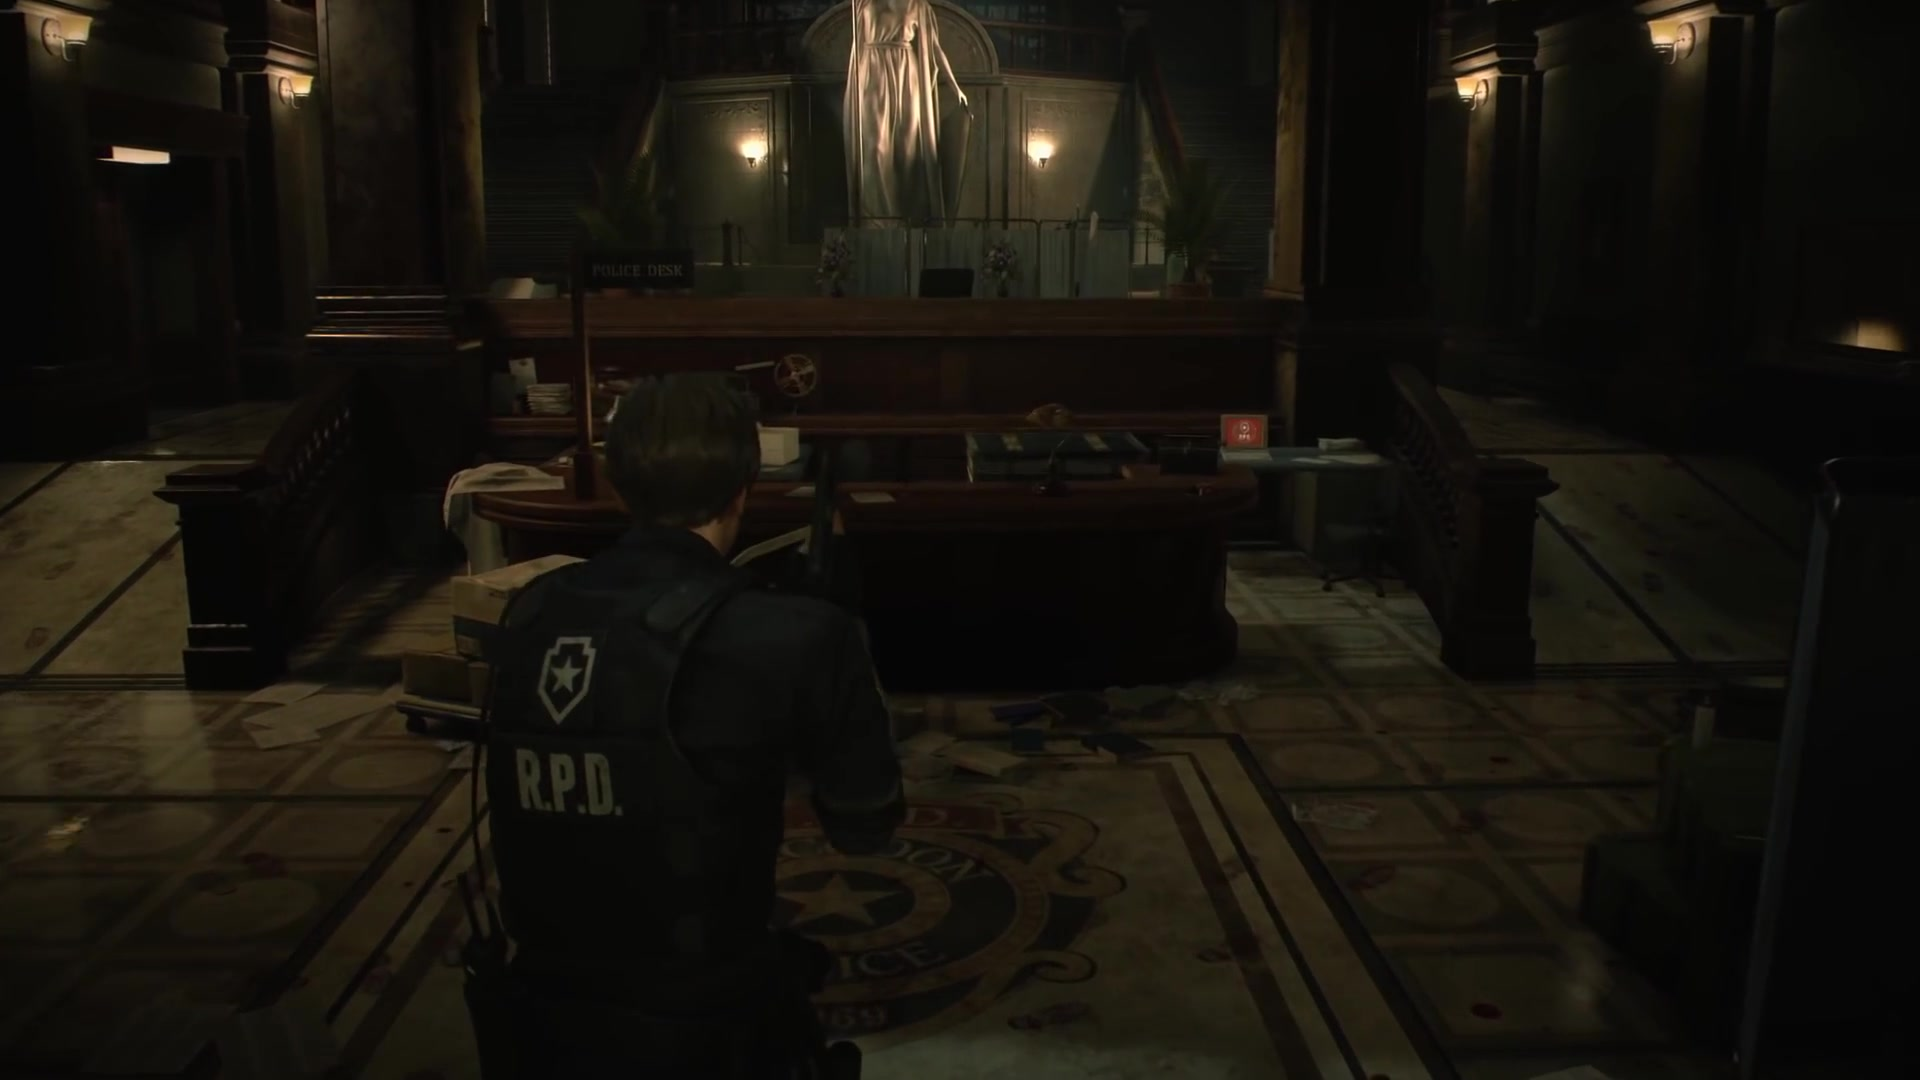 Resident Evil 2 0008.jpg - Resident Evil 2